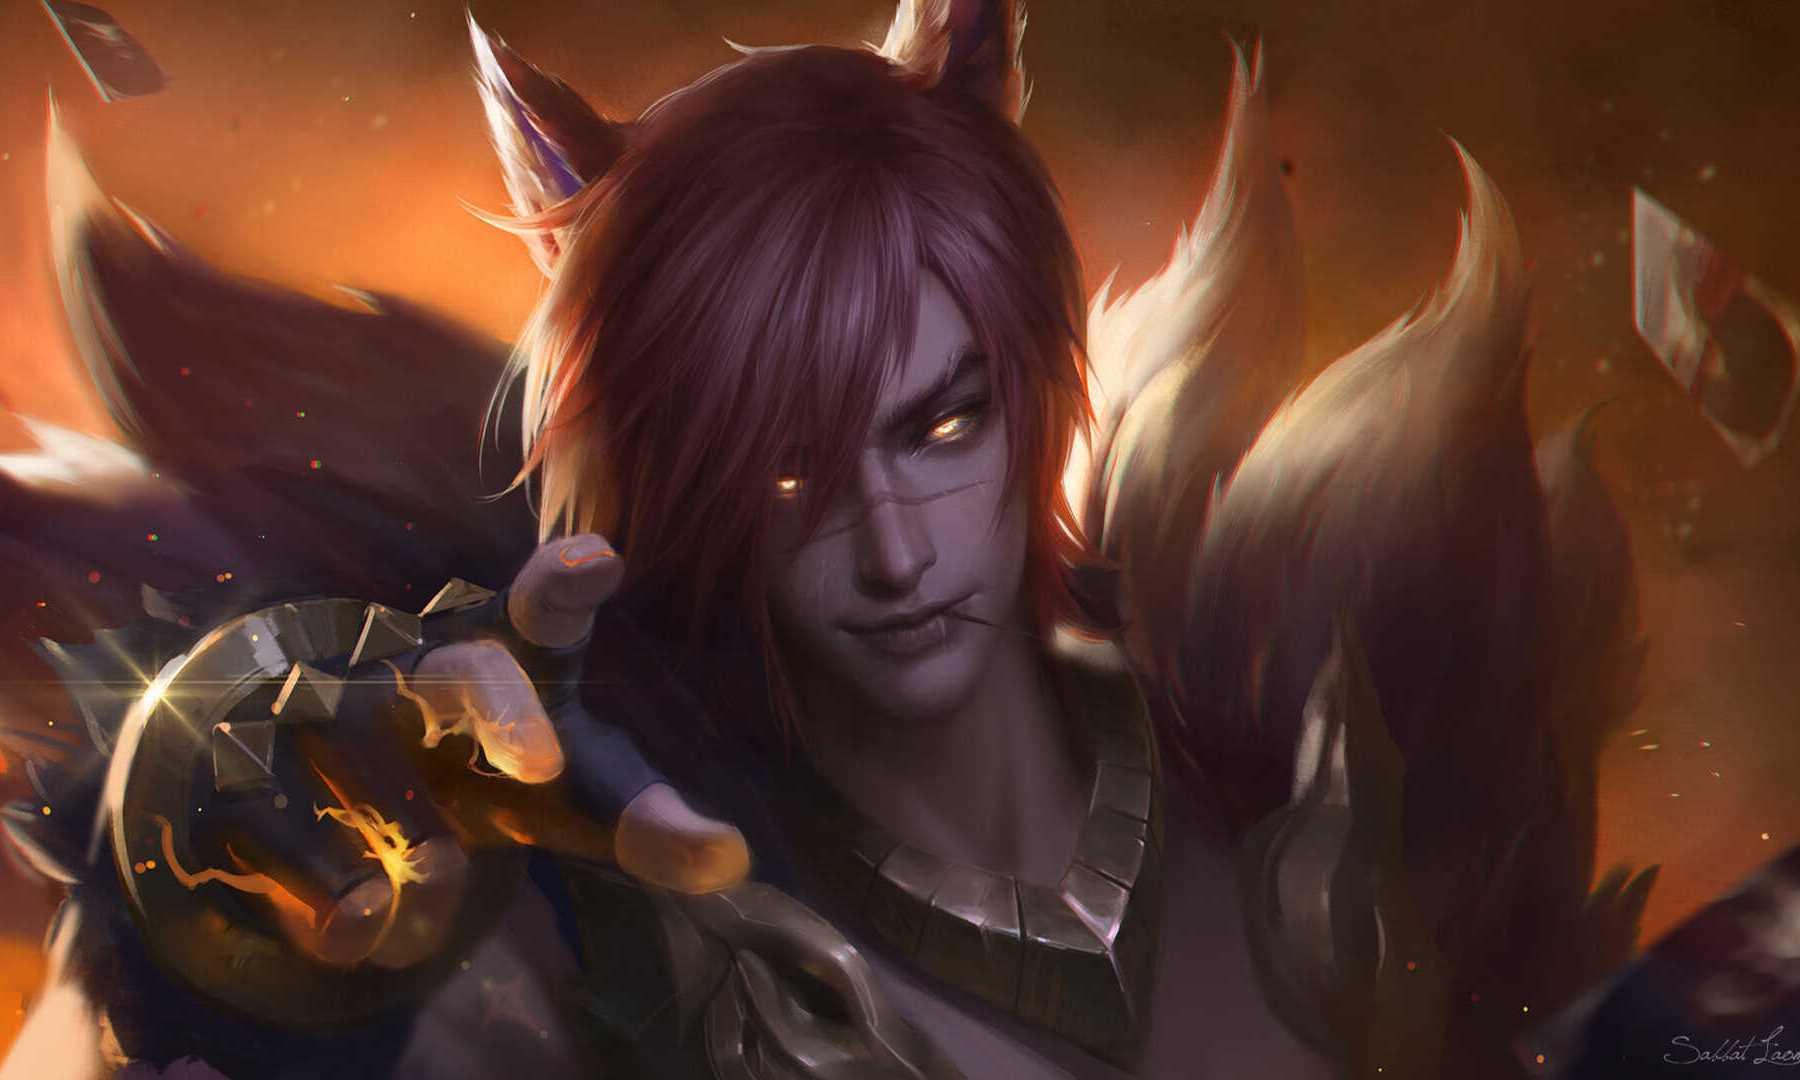 League Of Legends Sett Fan Wallpaper Hd For Desktop Background Art